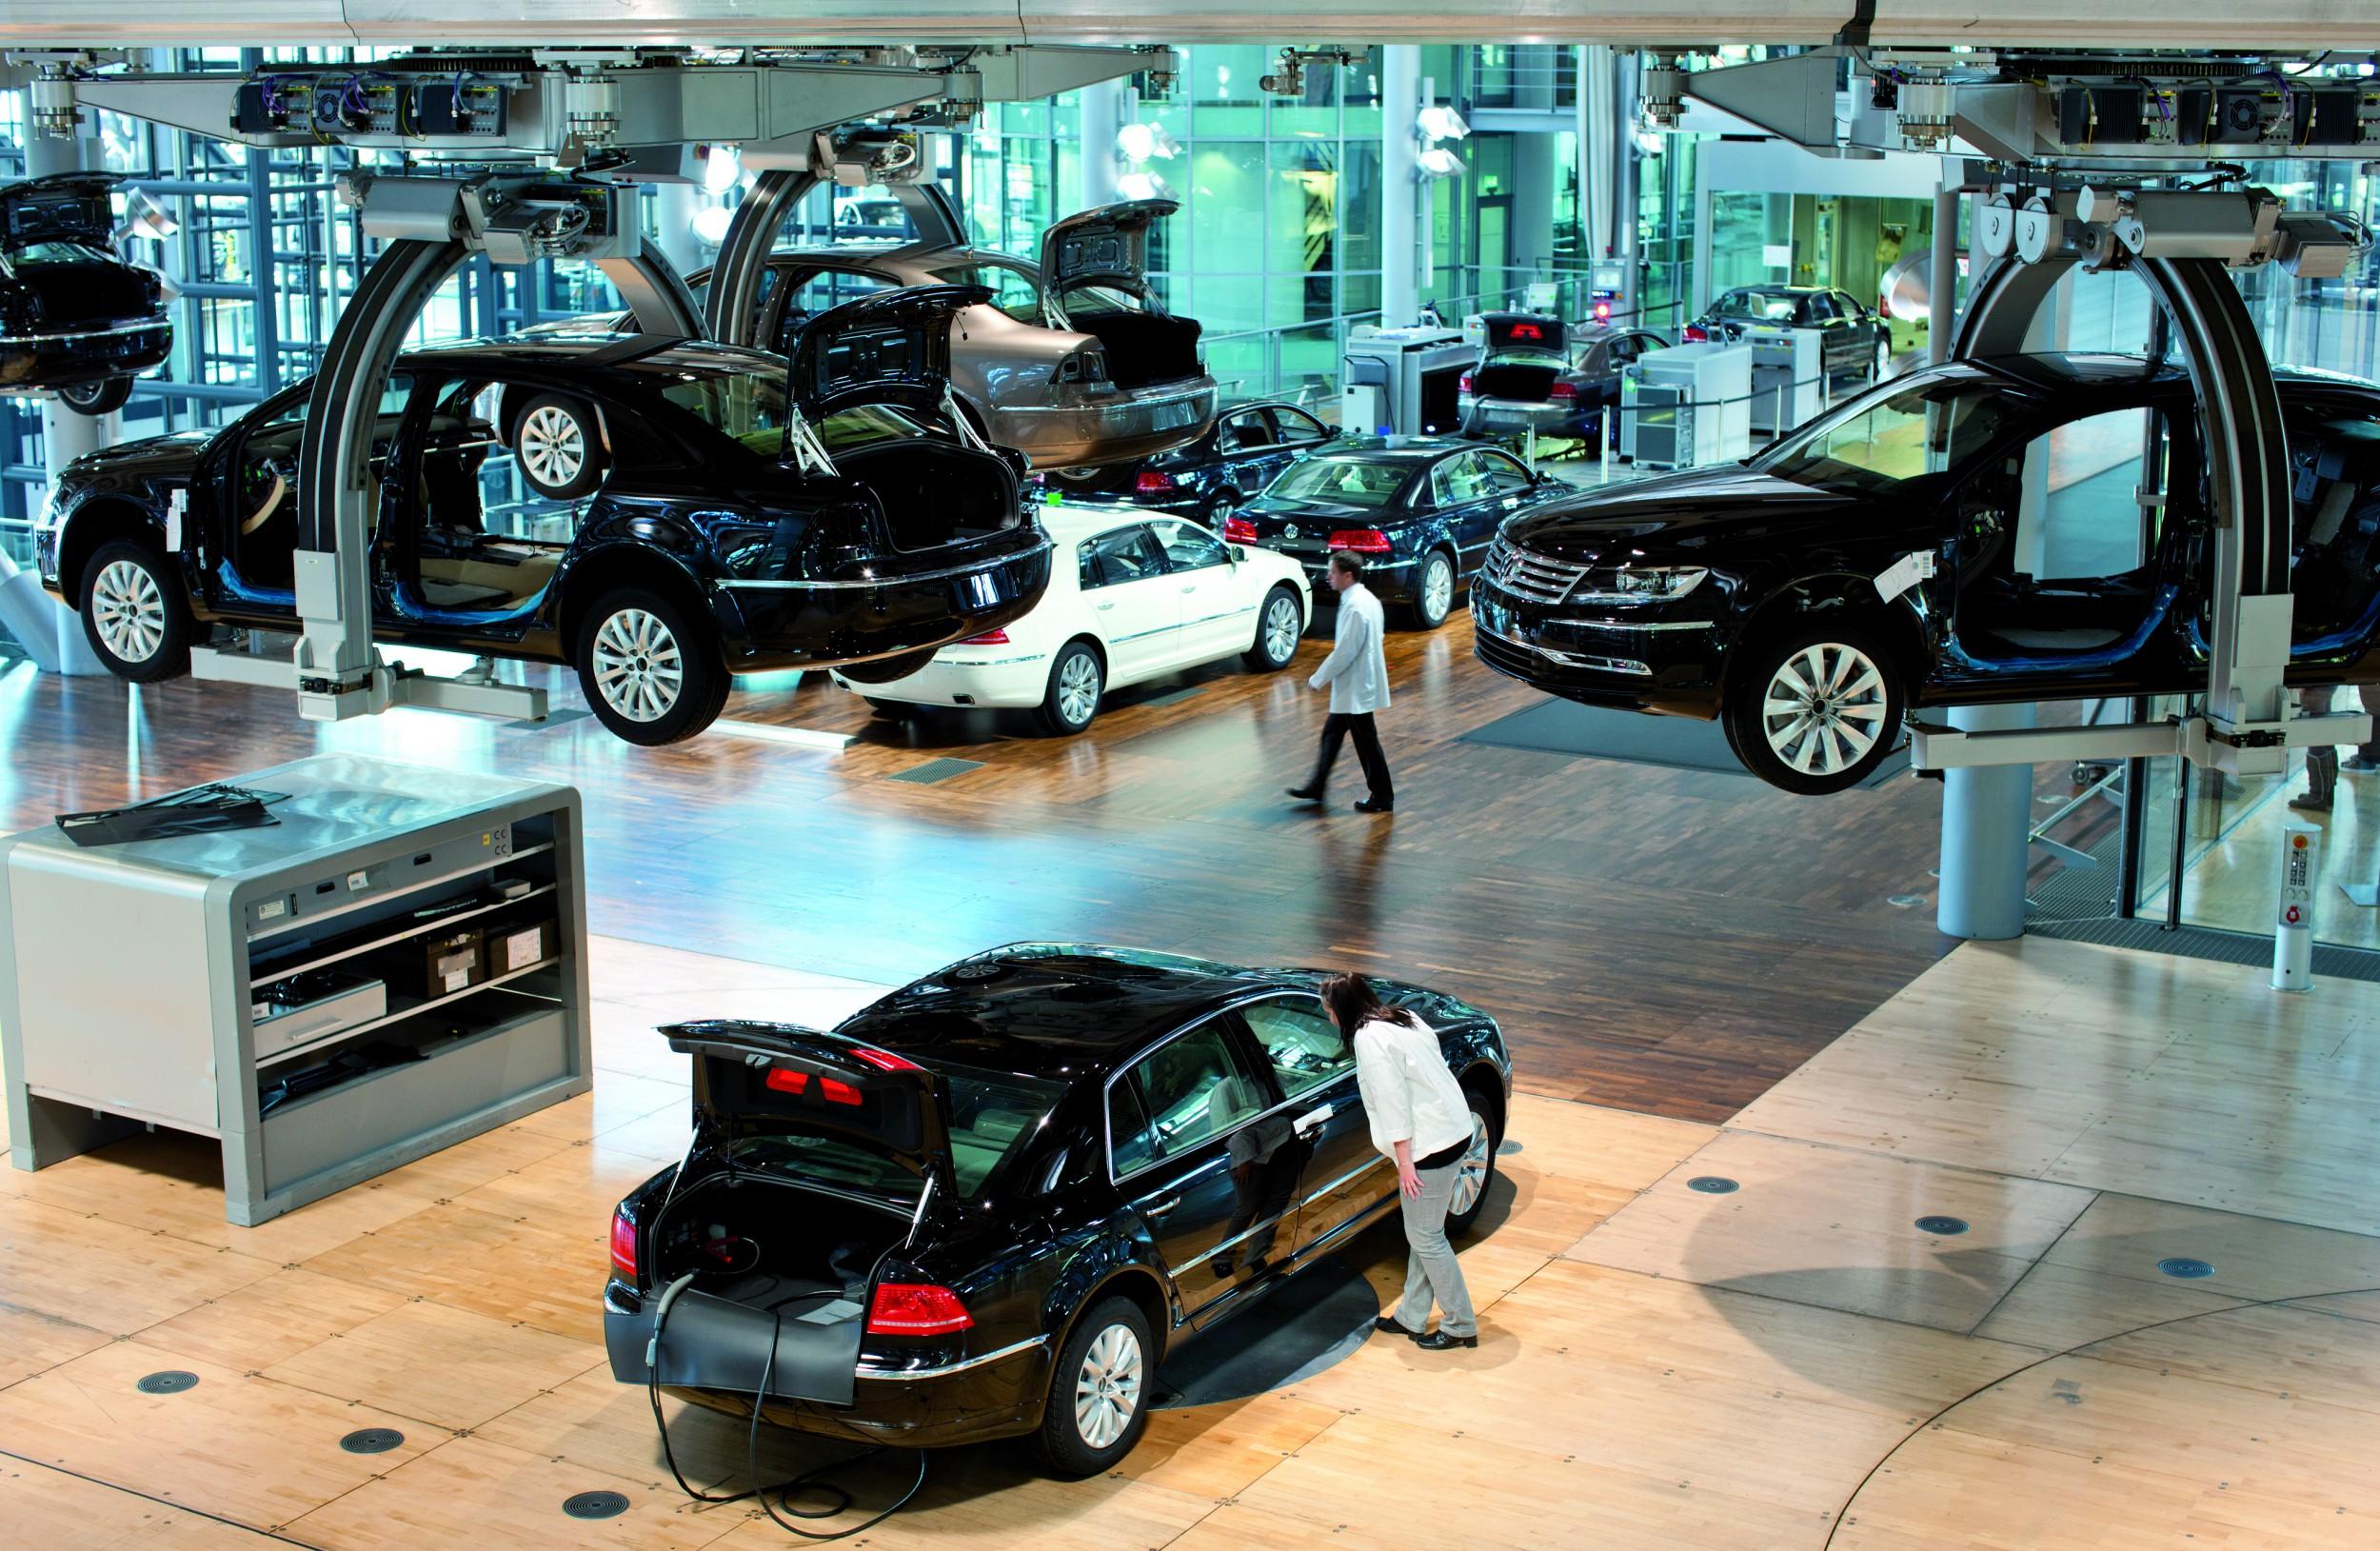 Witte jassen, houten vloeren een heel veel glas. De fabriek in Dresden wordt gezien als een van VW's mooiste productiefaciliteiten.